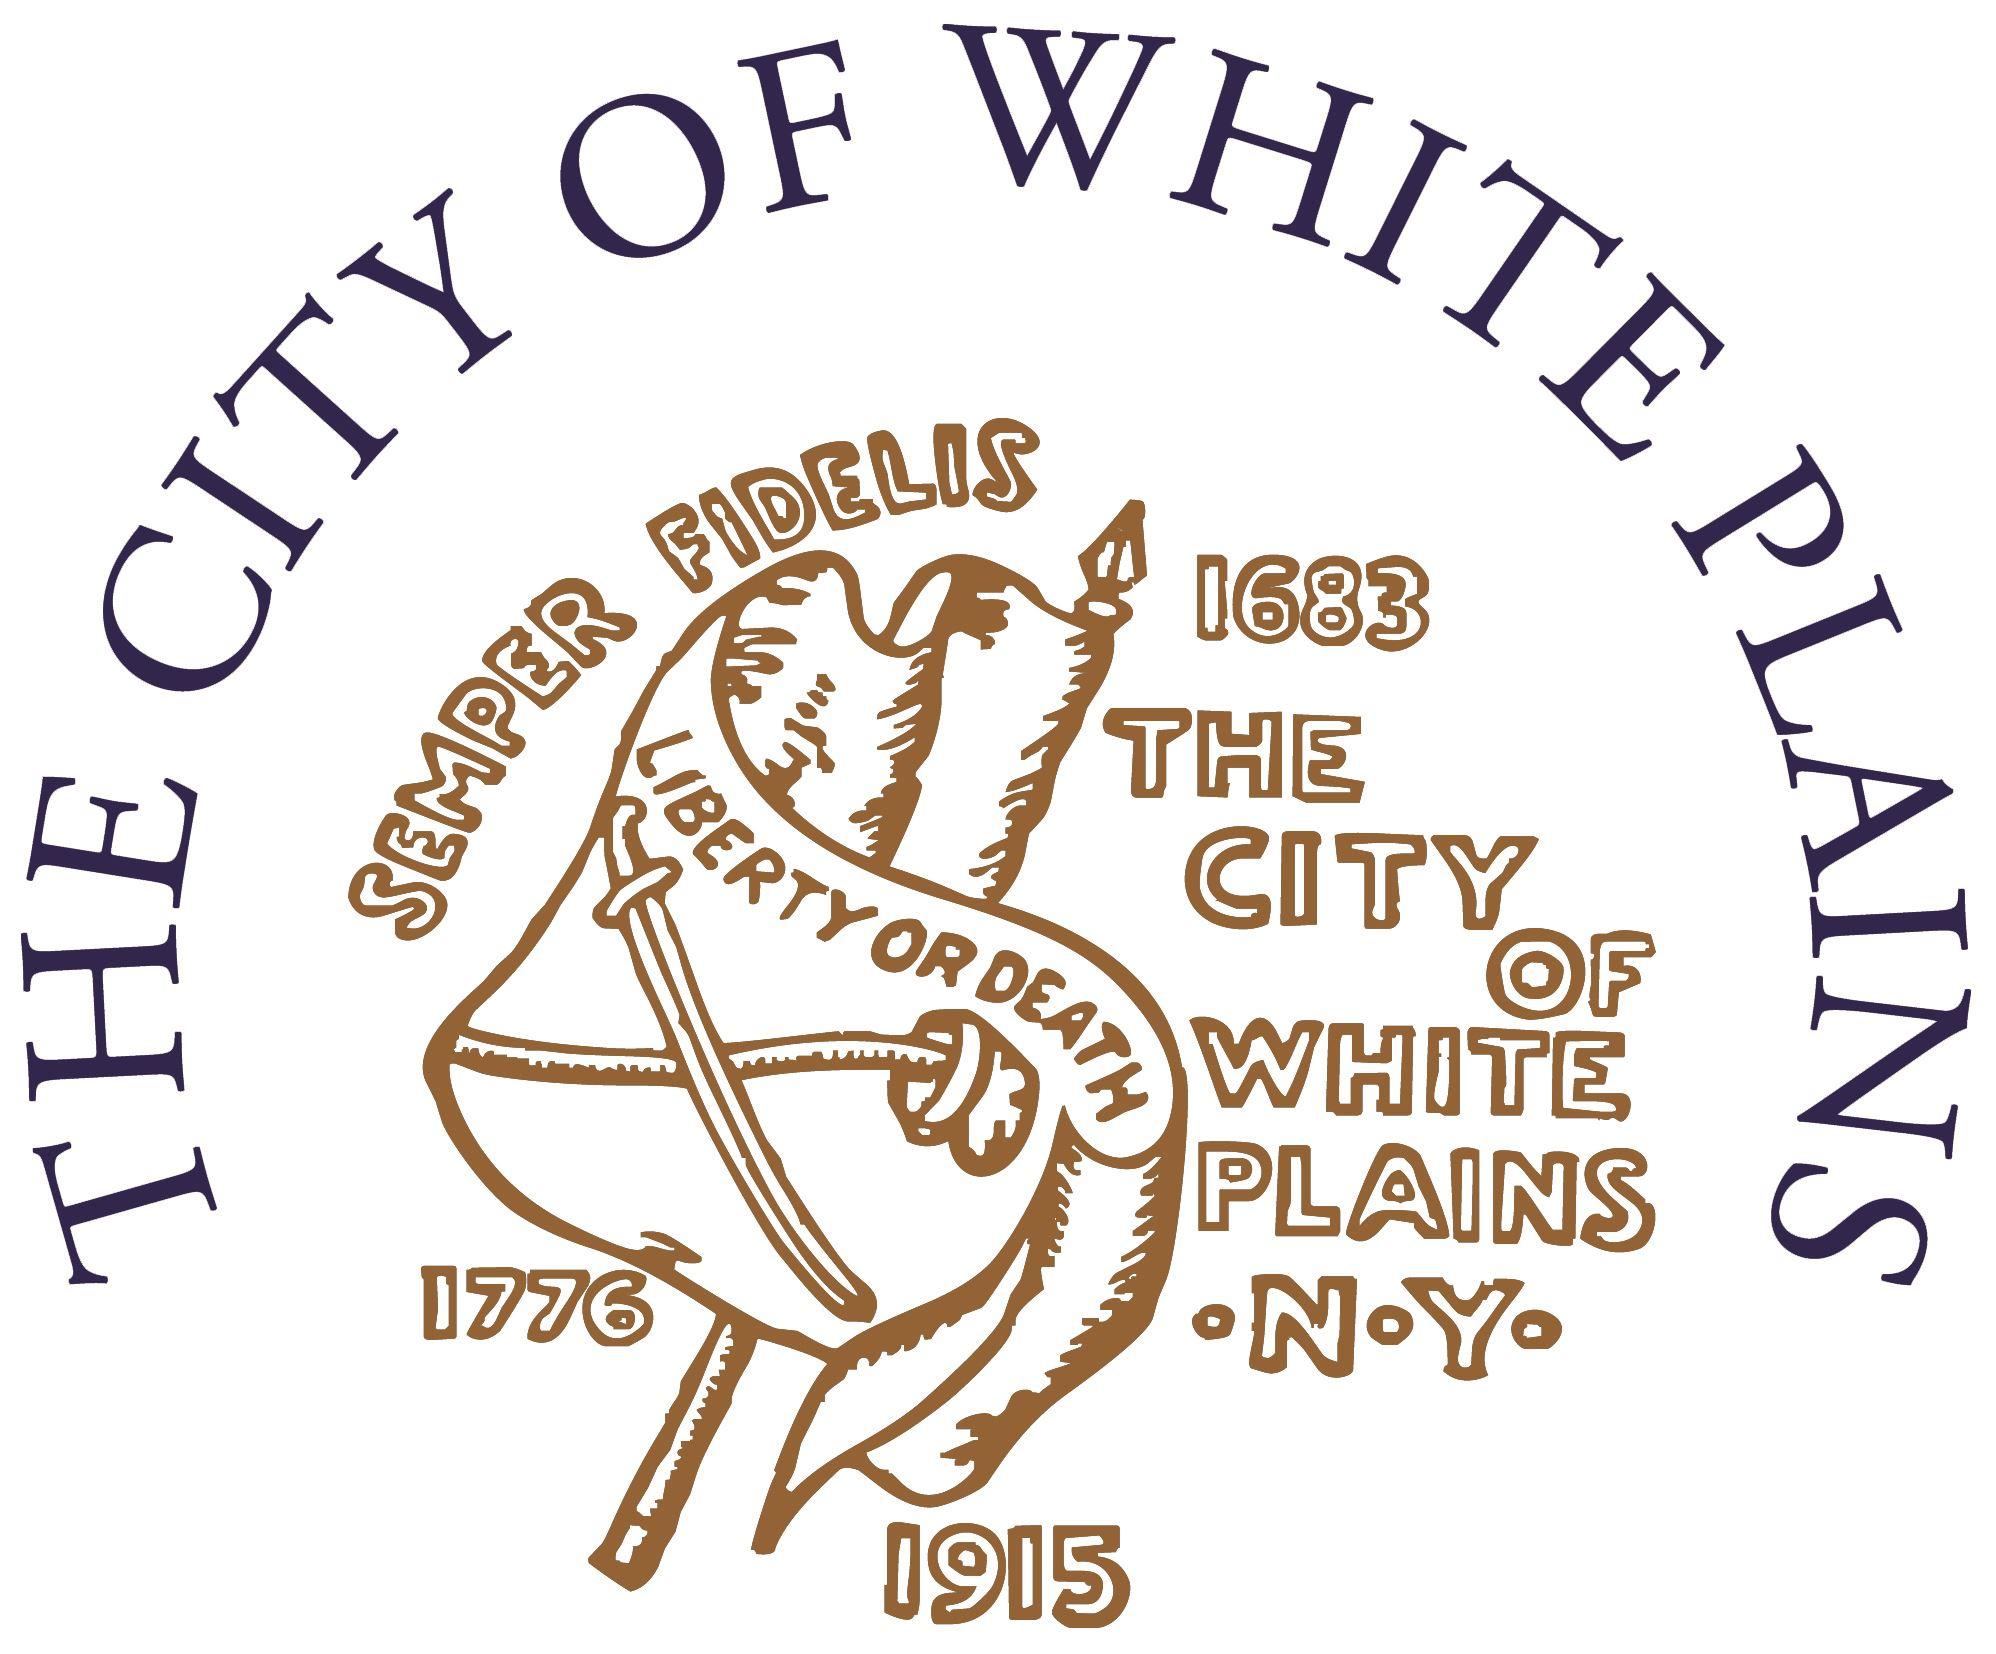 Dating dc white plains new york